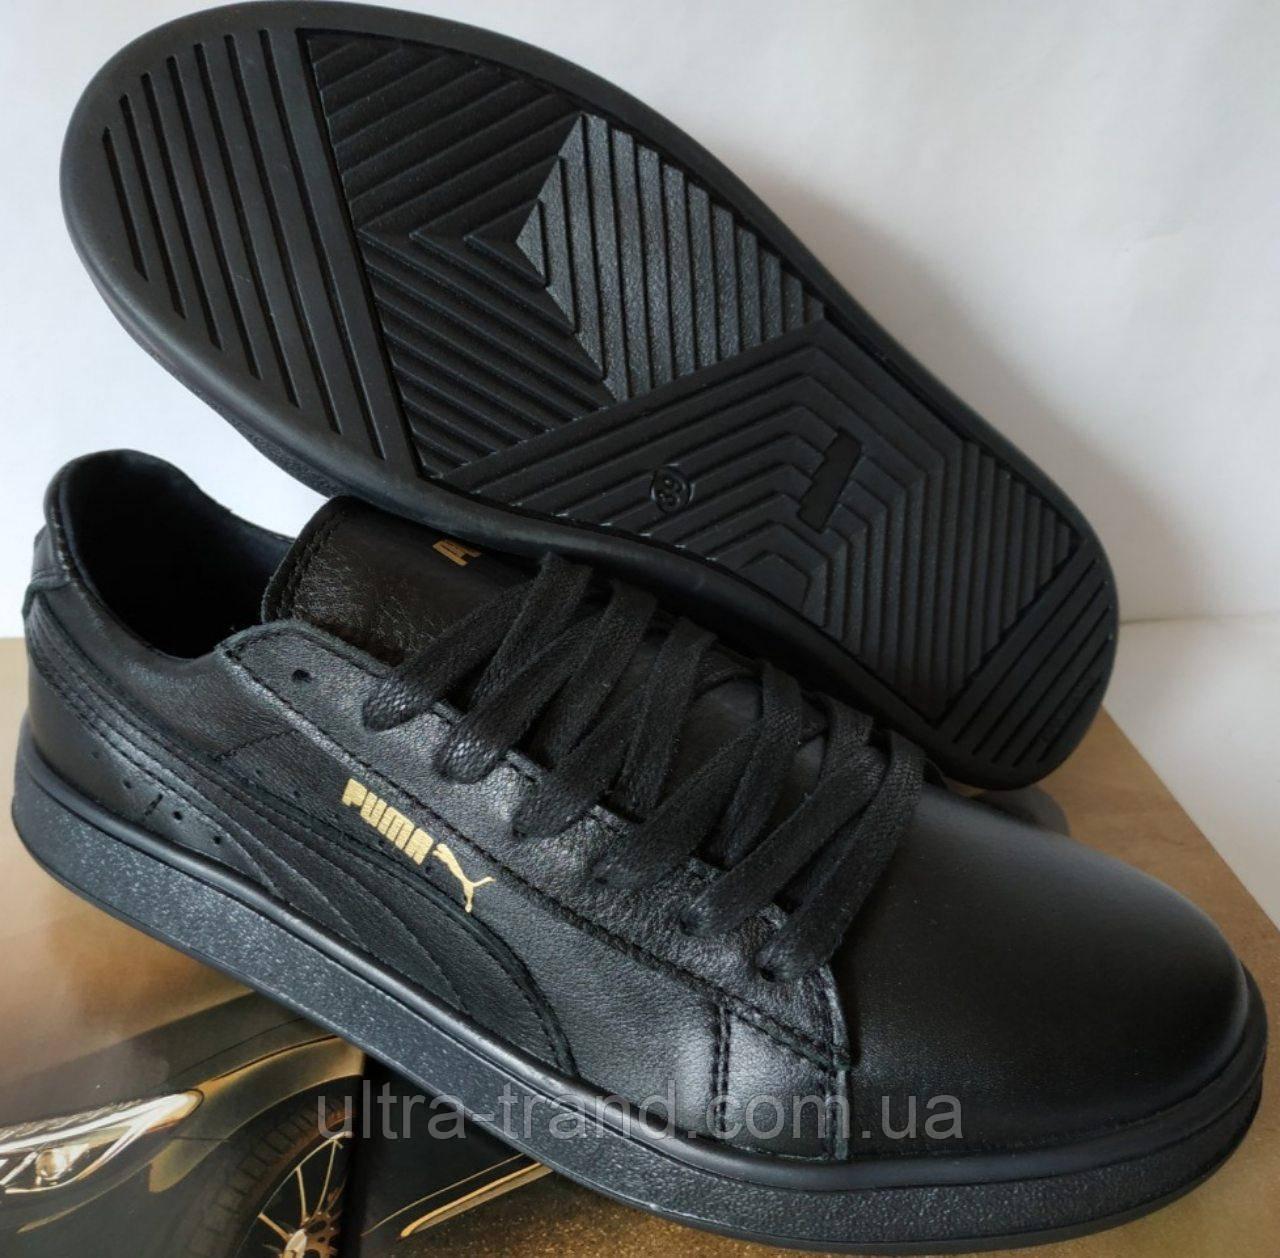 Puma classic! кроссовки кеды женские большого размера из натуральной кожи черного цвета Пума !